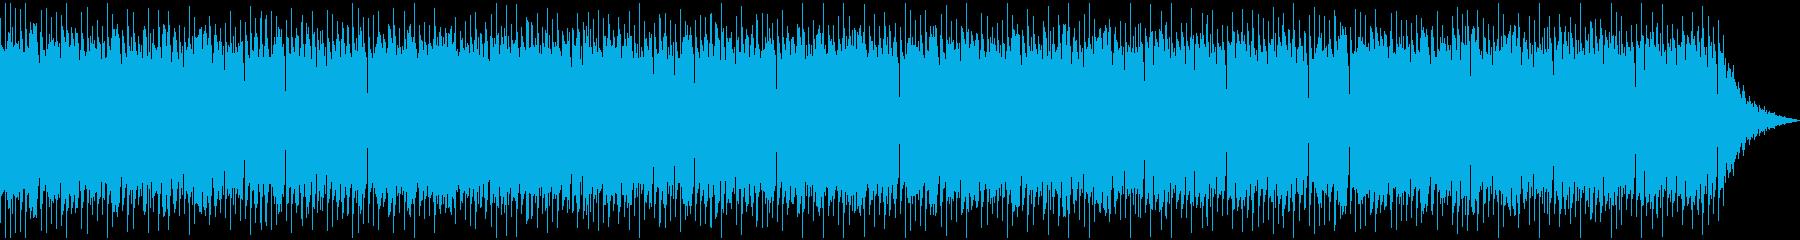 美しいケルト音楽の再生済みの波形